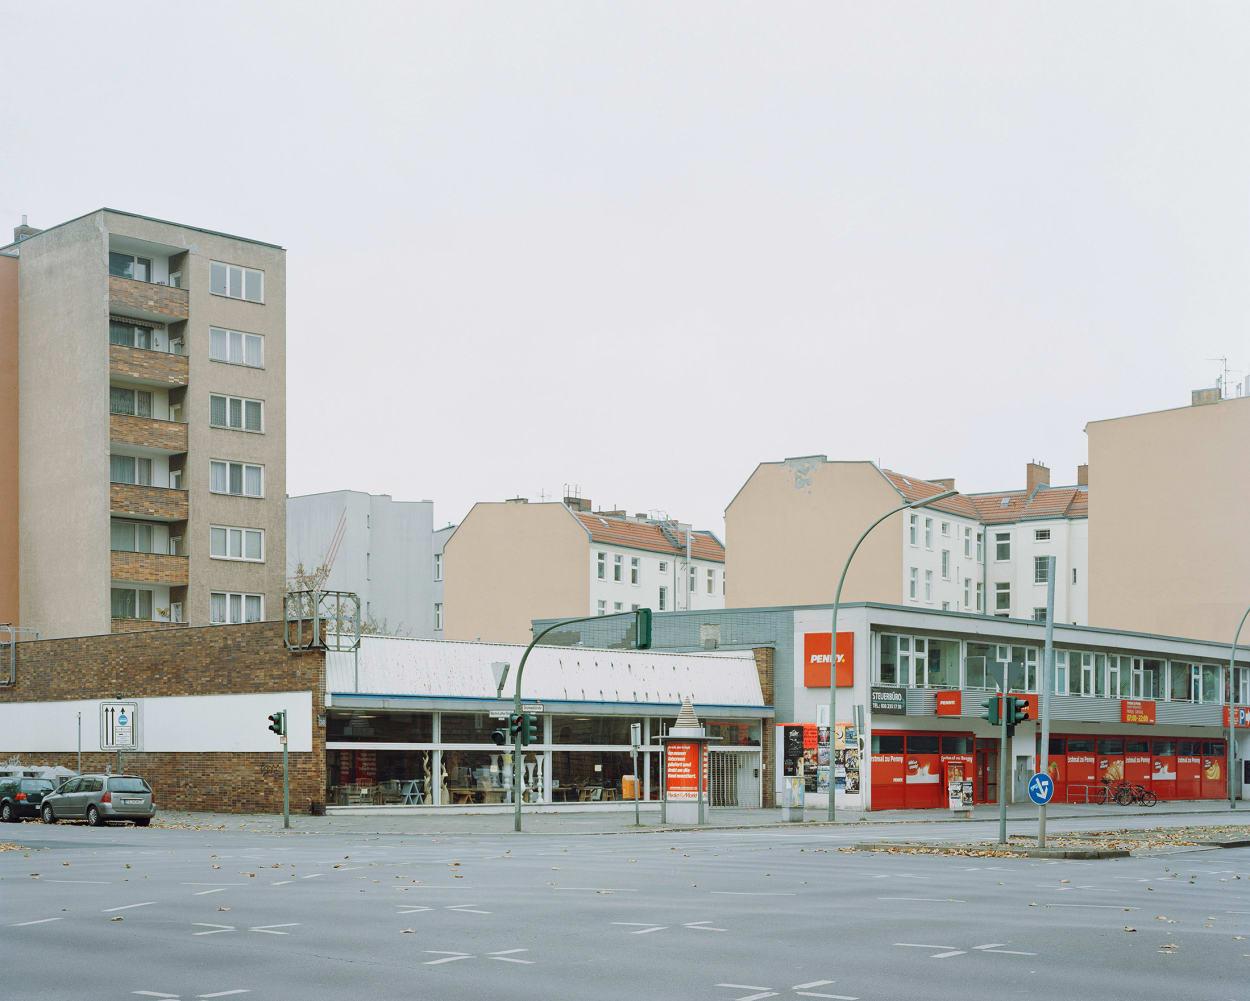 Andreas Gehrke, Noshe, Bildband, Berlin, Fotografie, Stadtbild